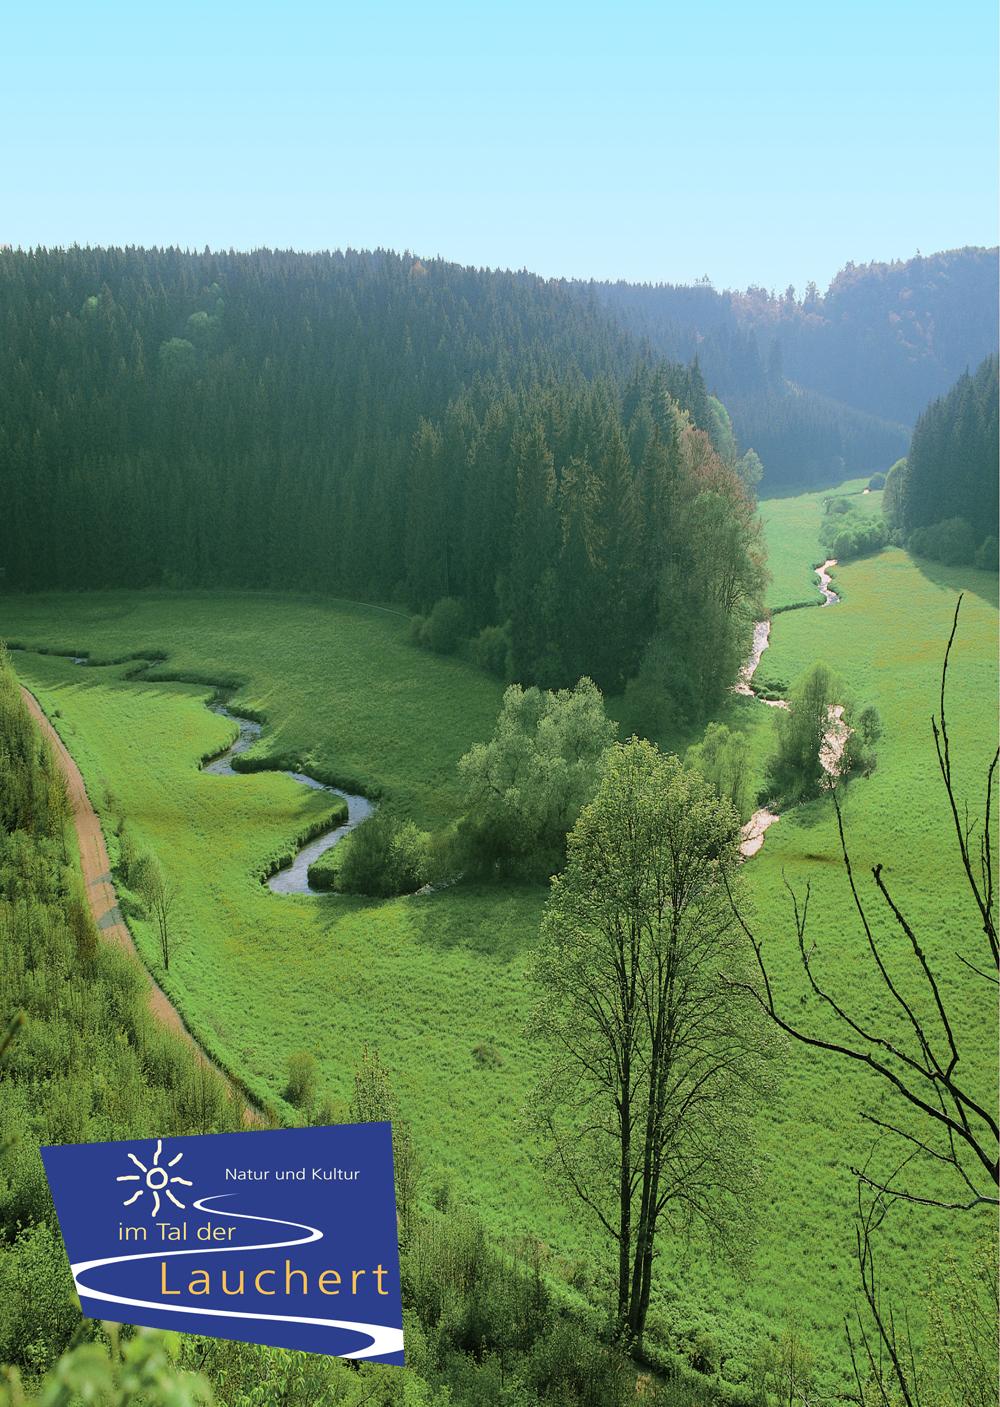 Natur und Kultur im Tal der Lauchert